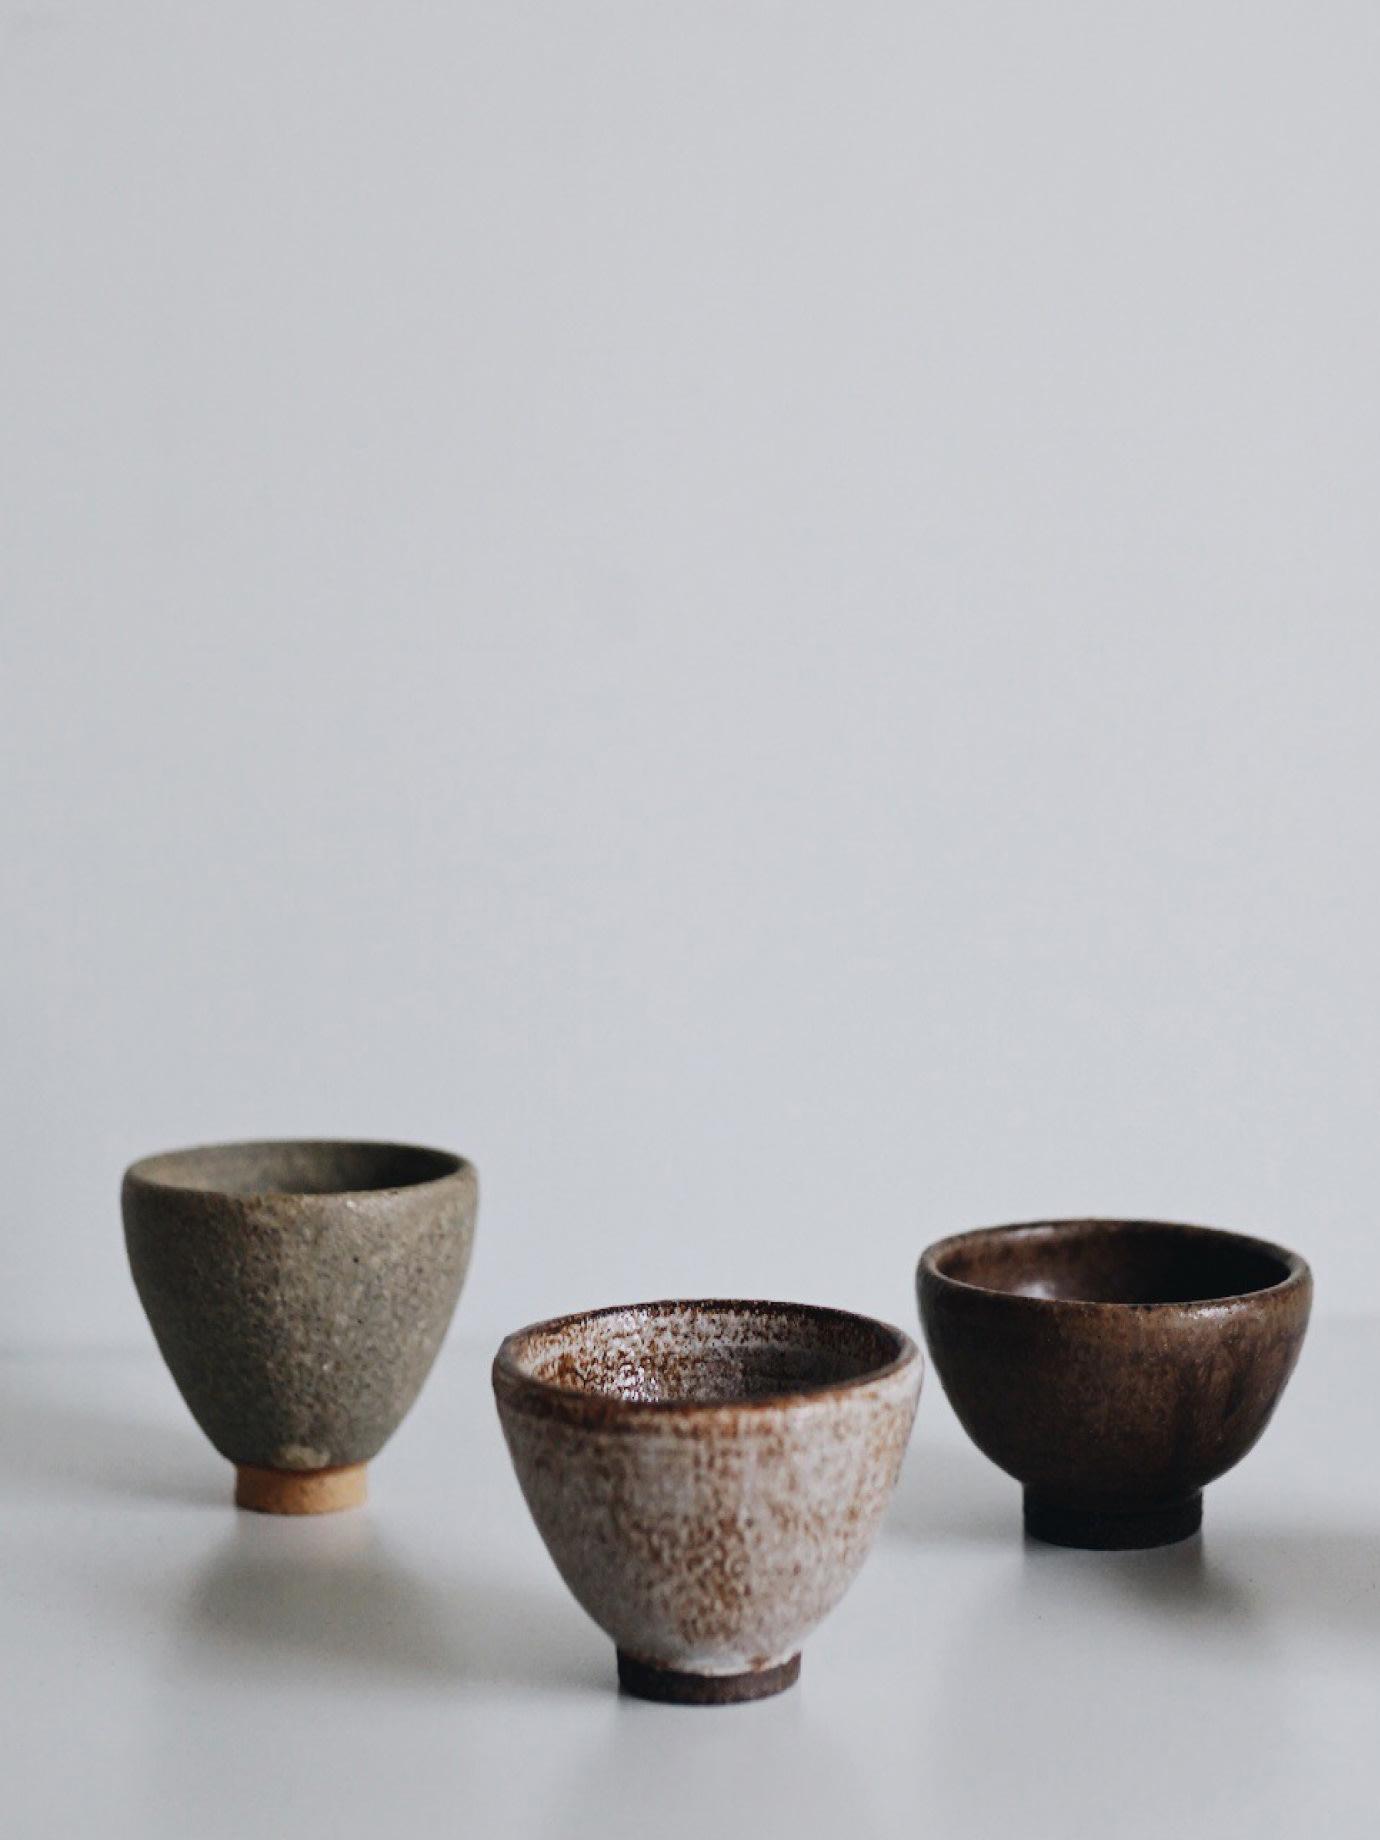 Three bowls on a grey background.